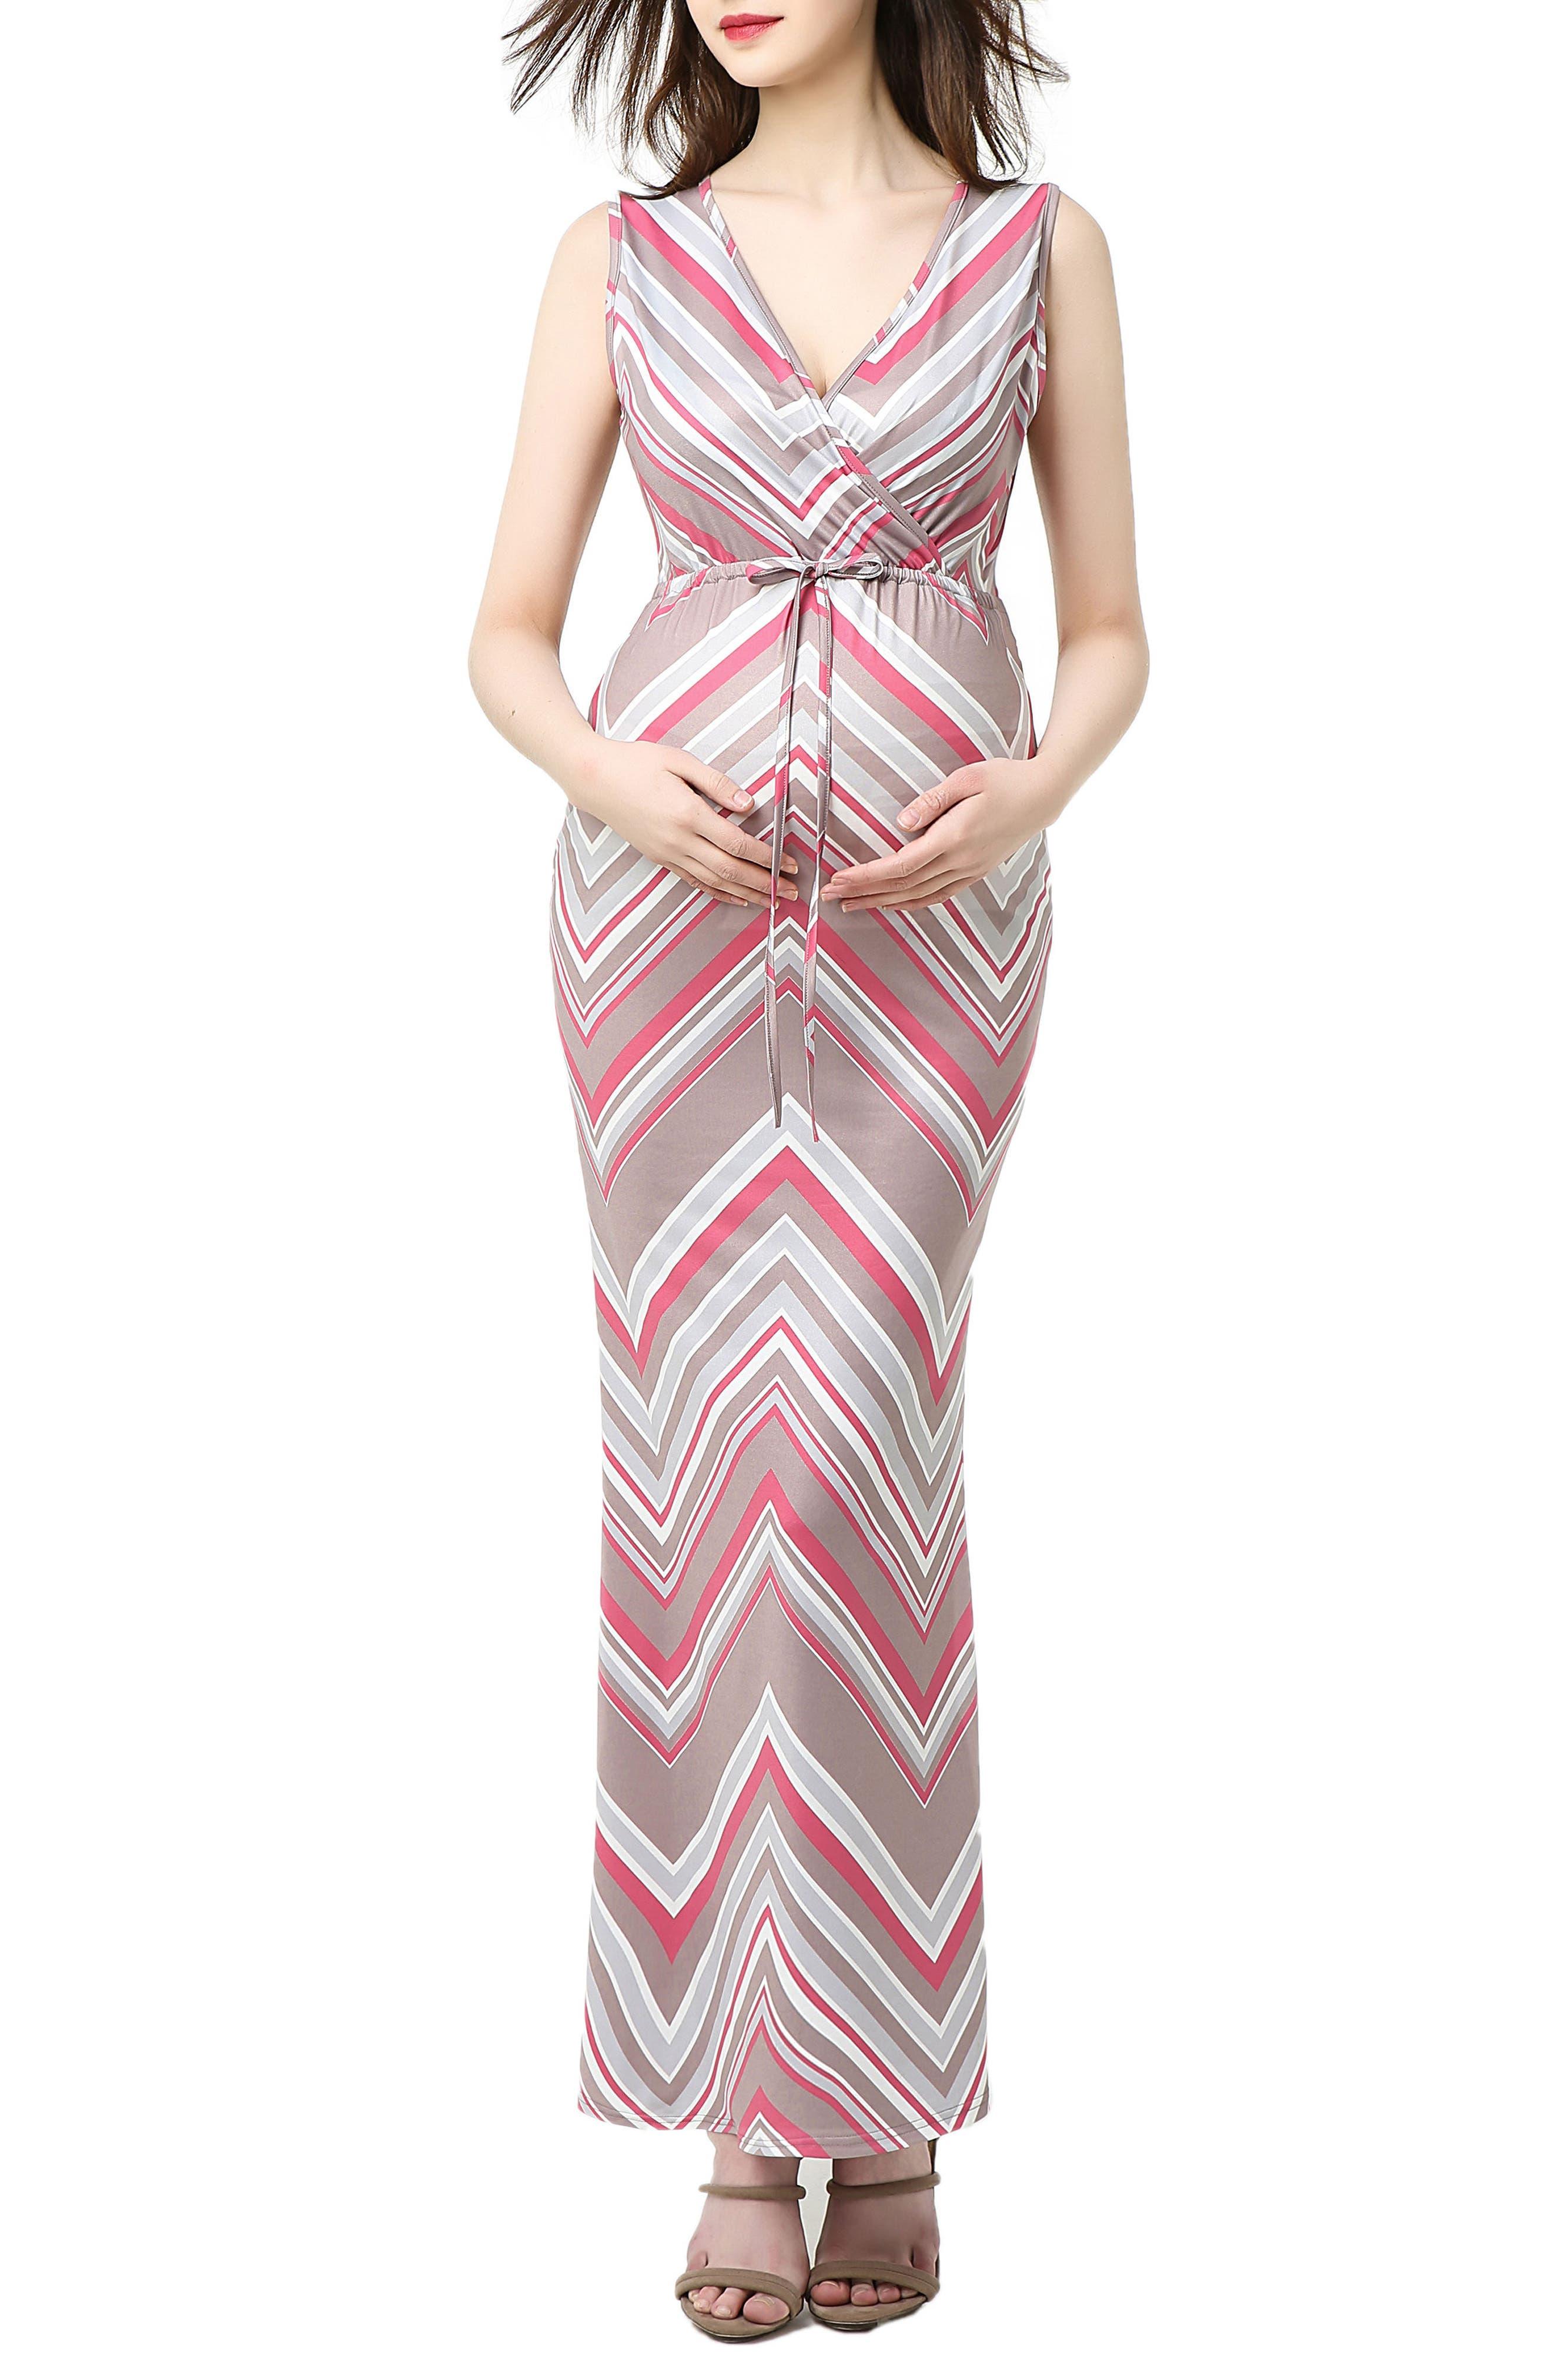 Kimi And Kai Natalie Chevron Print Maxi Maternity Dress, Pink